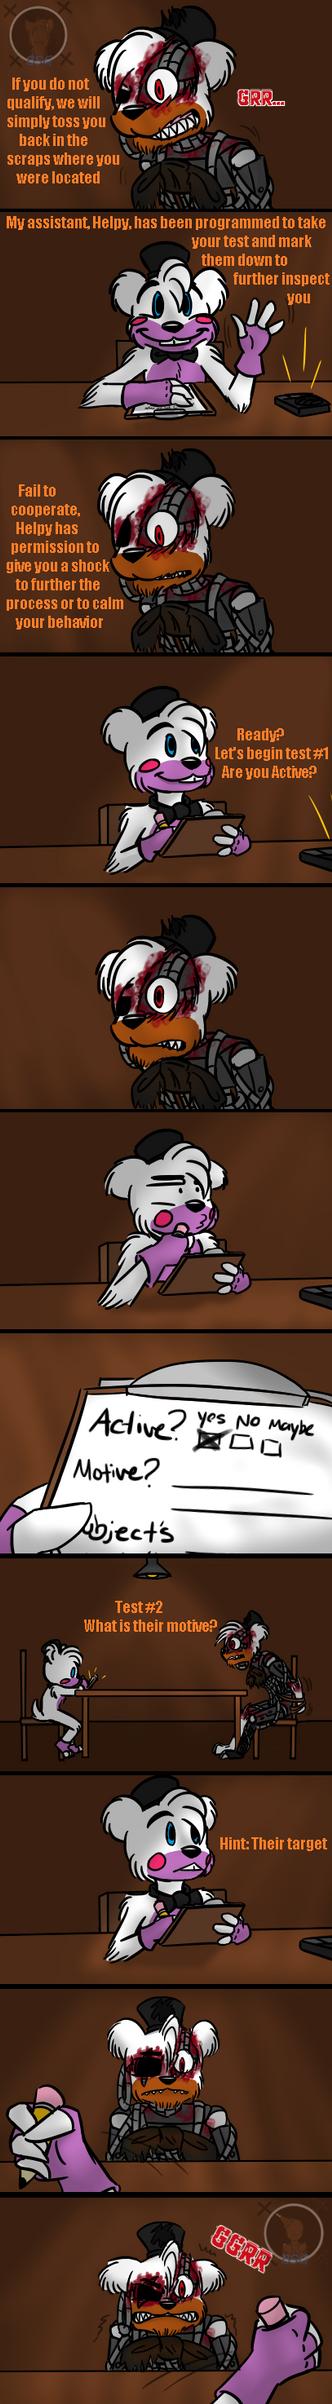 Interrogation (FNAF 6 Comic) Pt.2 by Blustreakgirl